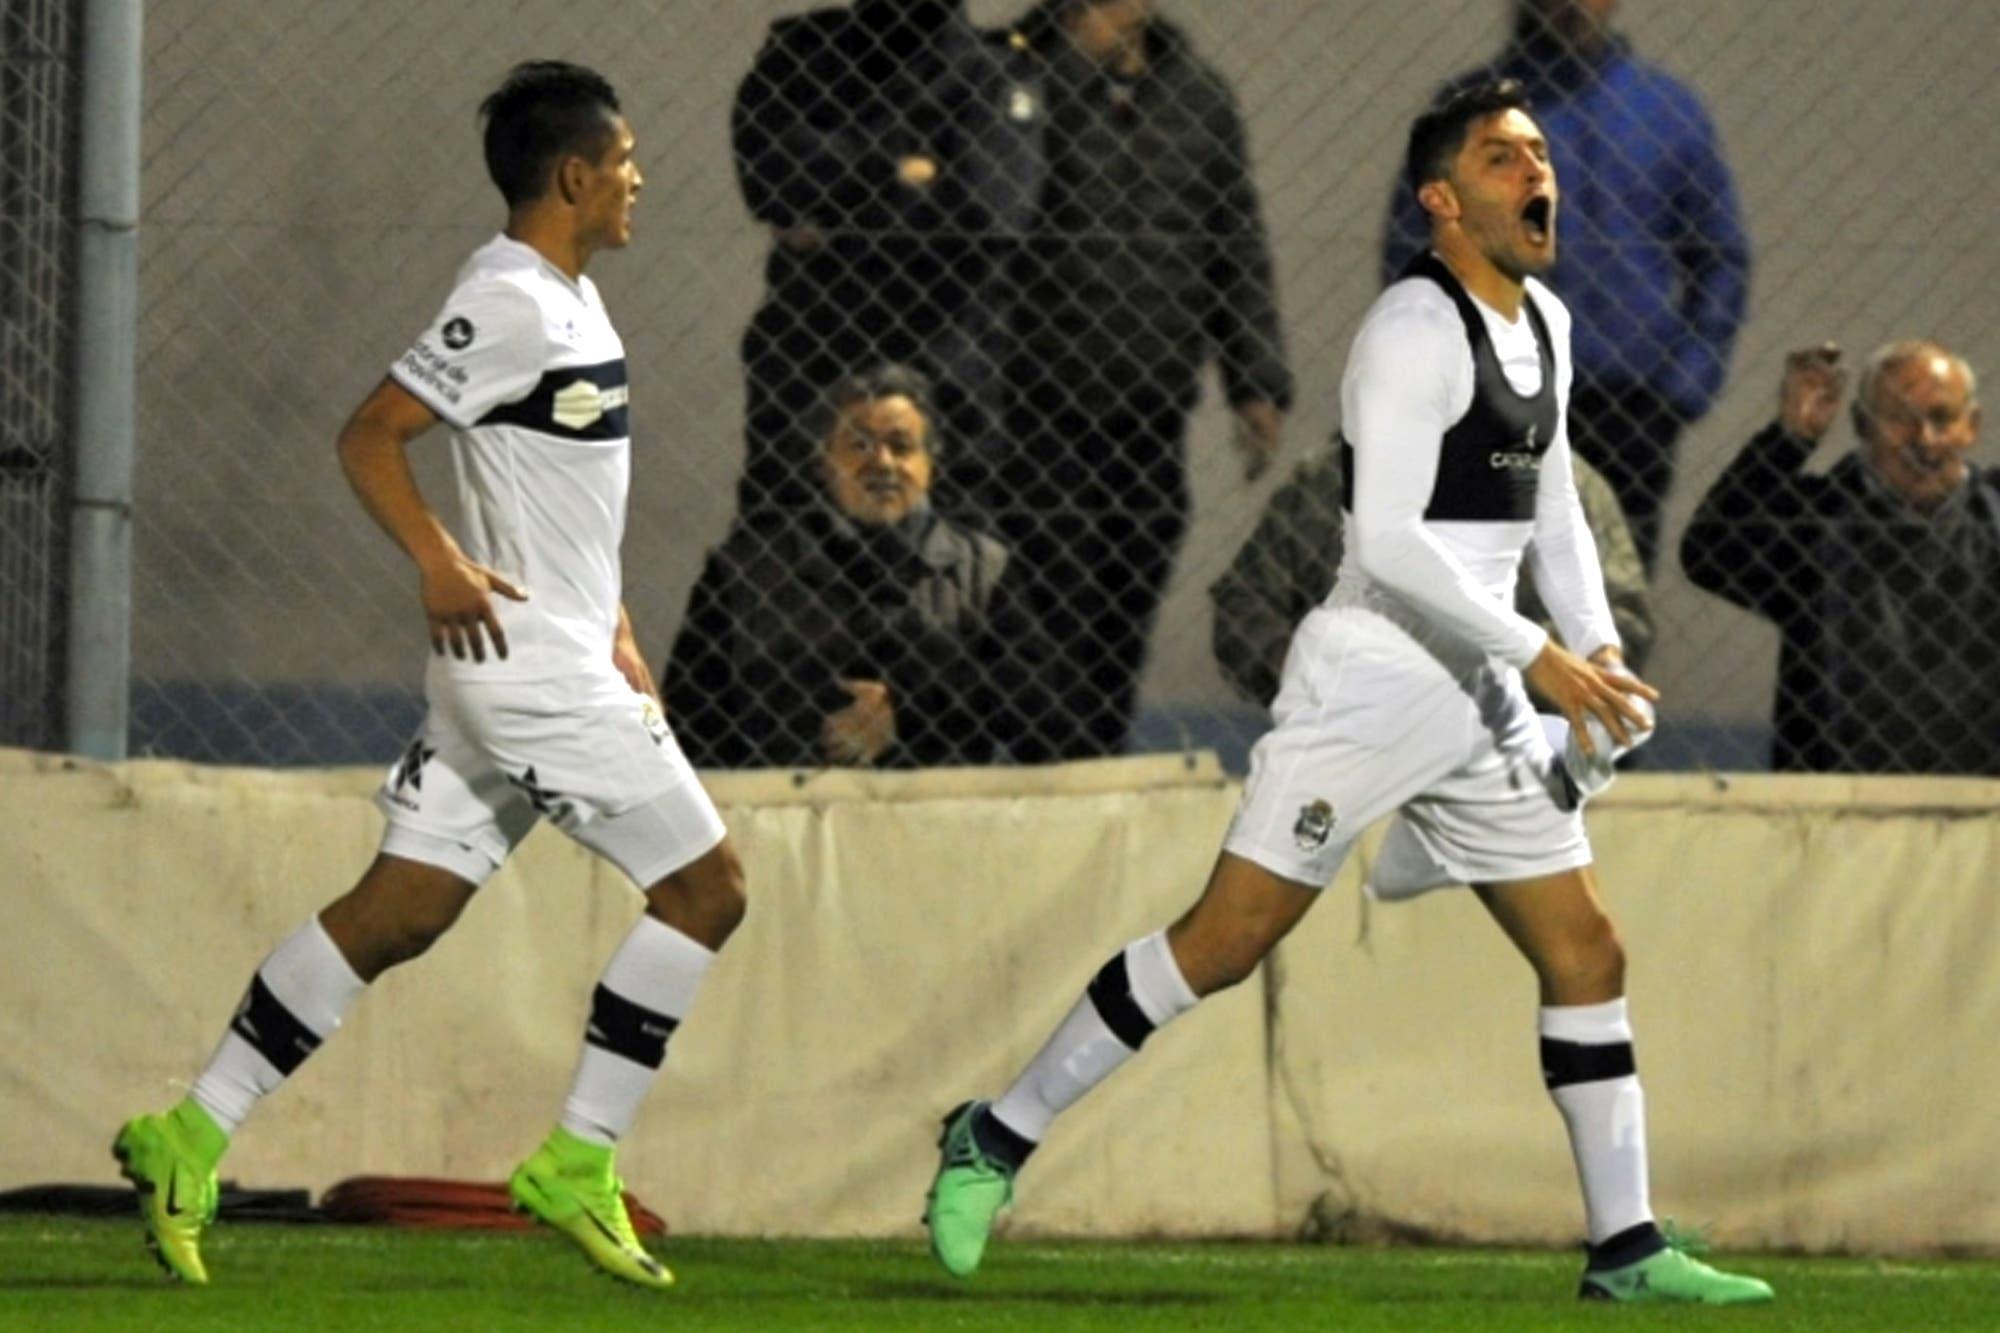 Copa Argentina: el zurdazo de Licht y la sorpresa de Brown de Adrogué, postales del sábado